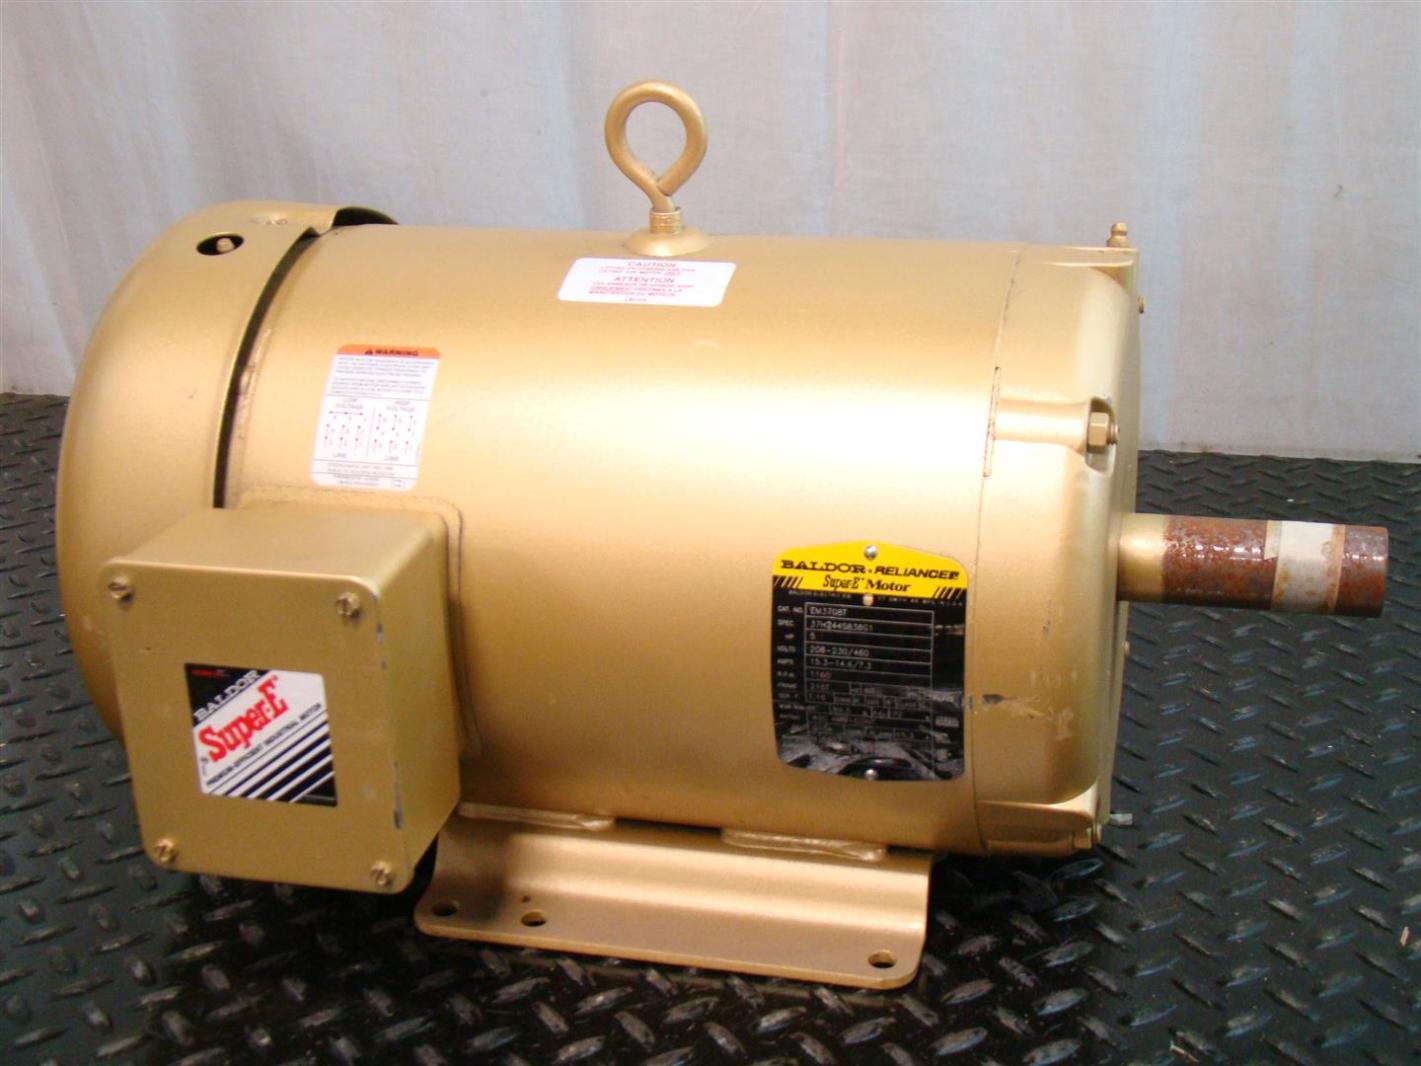 Baldor reliancer super e motor 5hp 230 460v 1160rpm for Baldor reliance super e motor